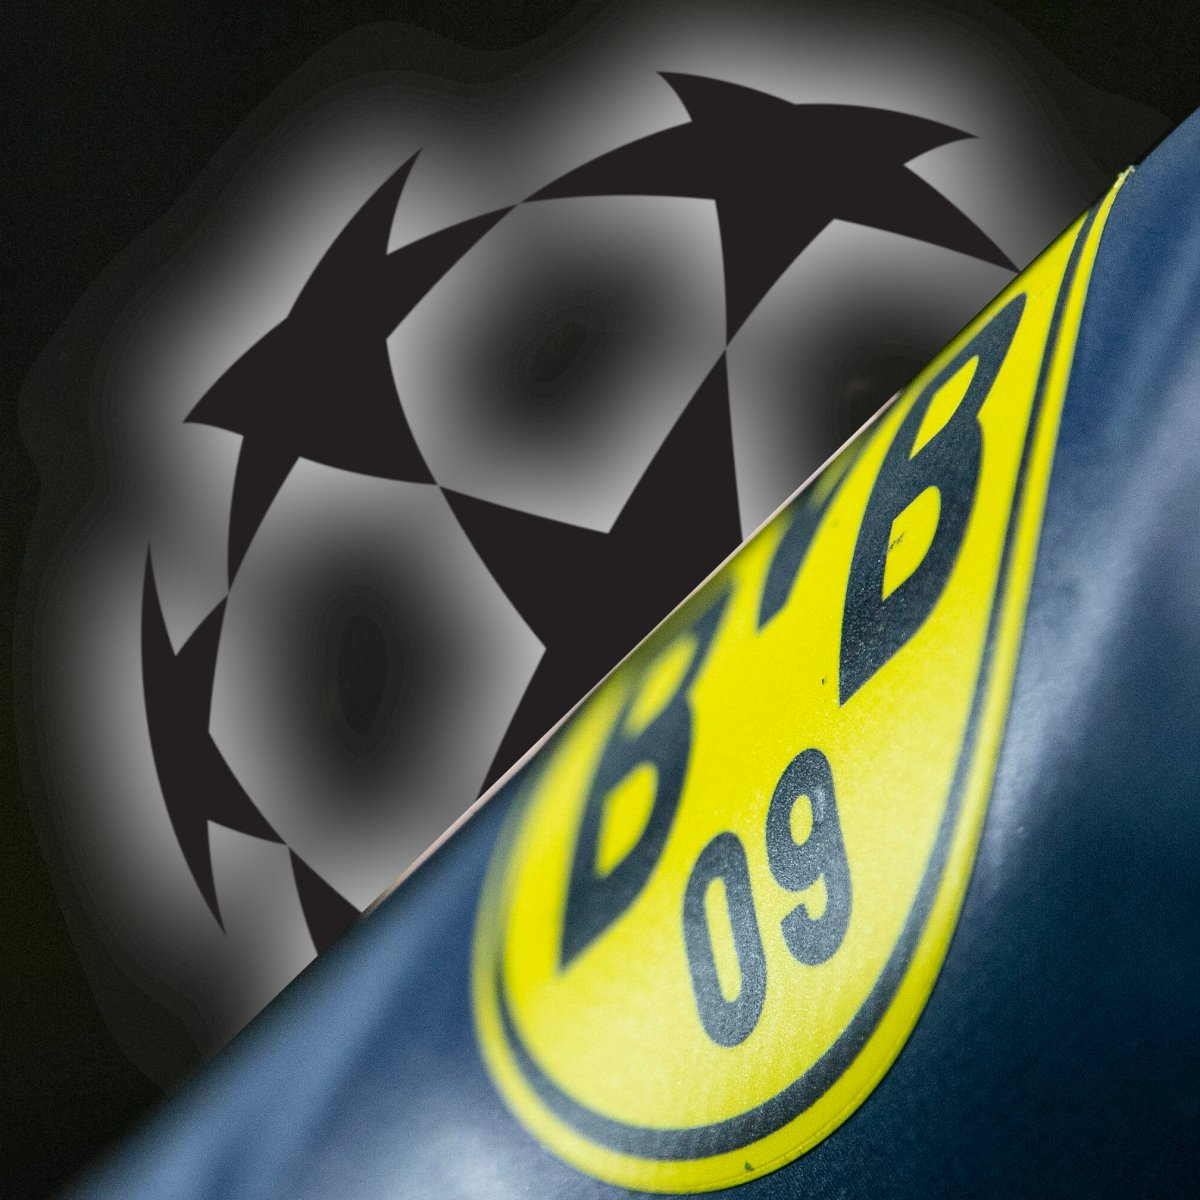 Bvb Champions League Comeback Vom Tisch Jetzt Passiert Das Derwesten De